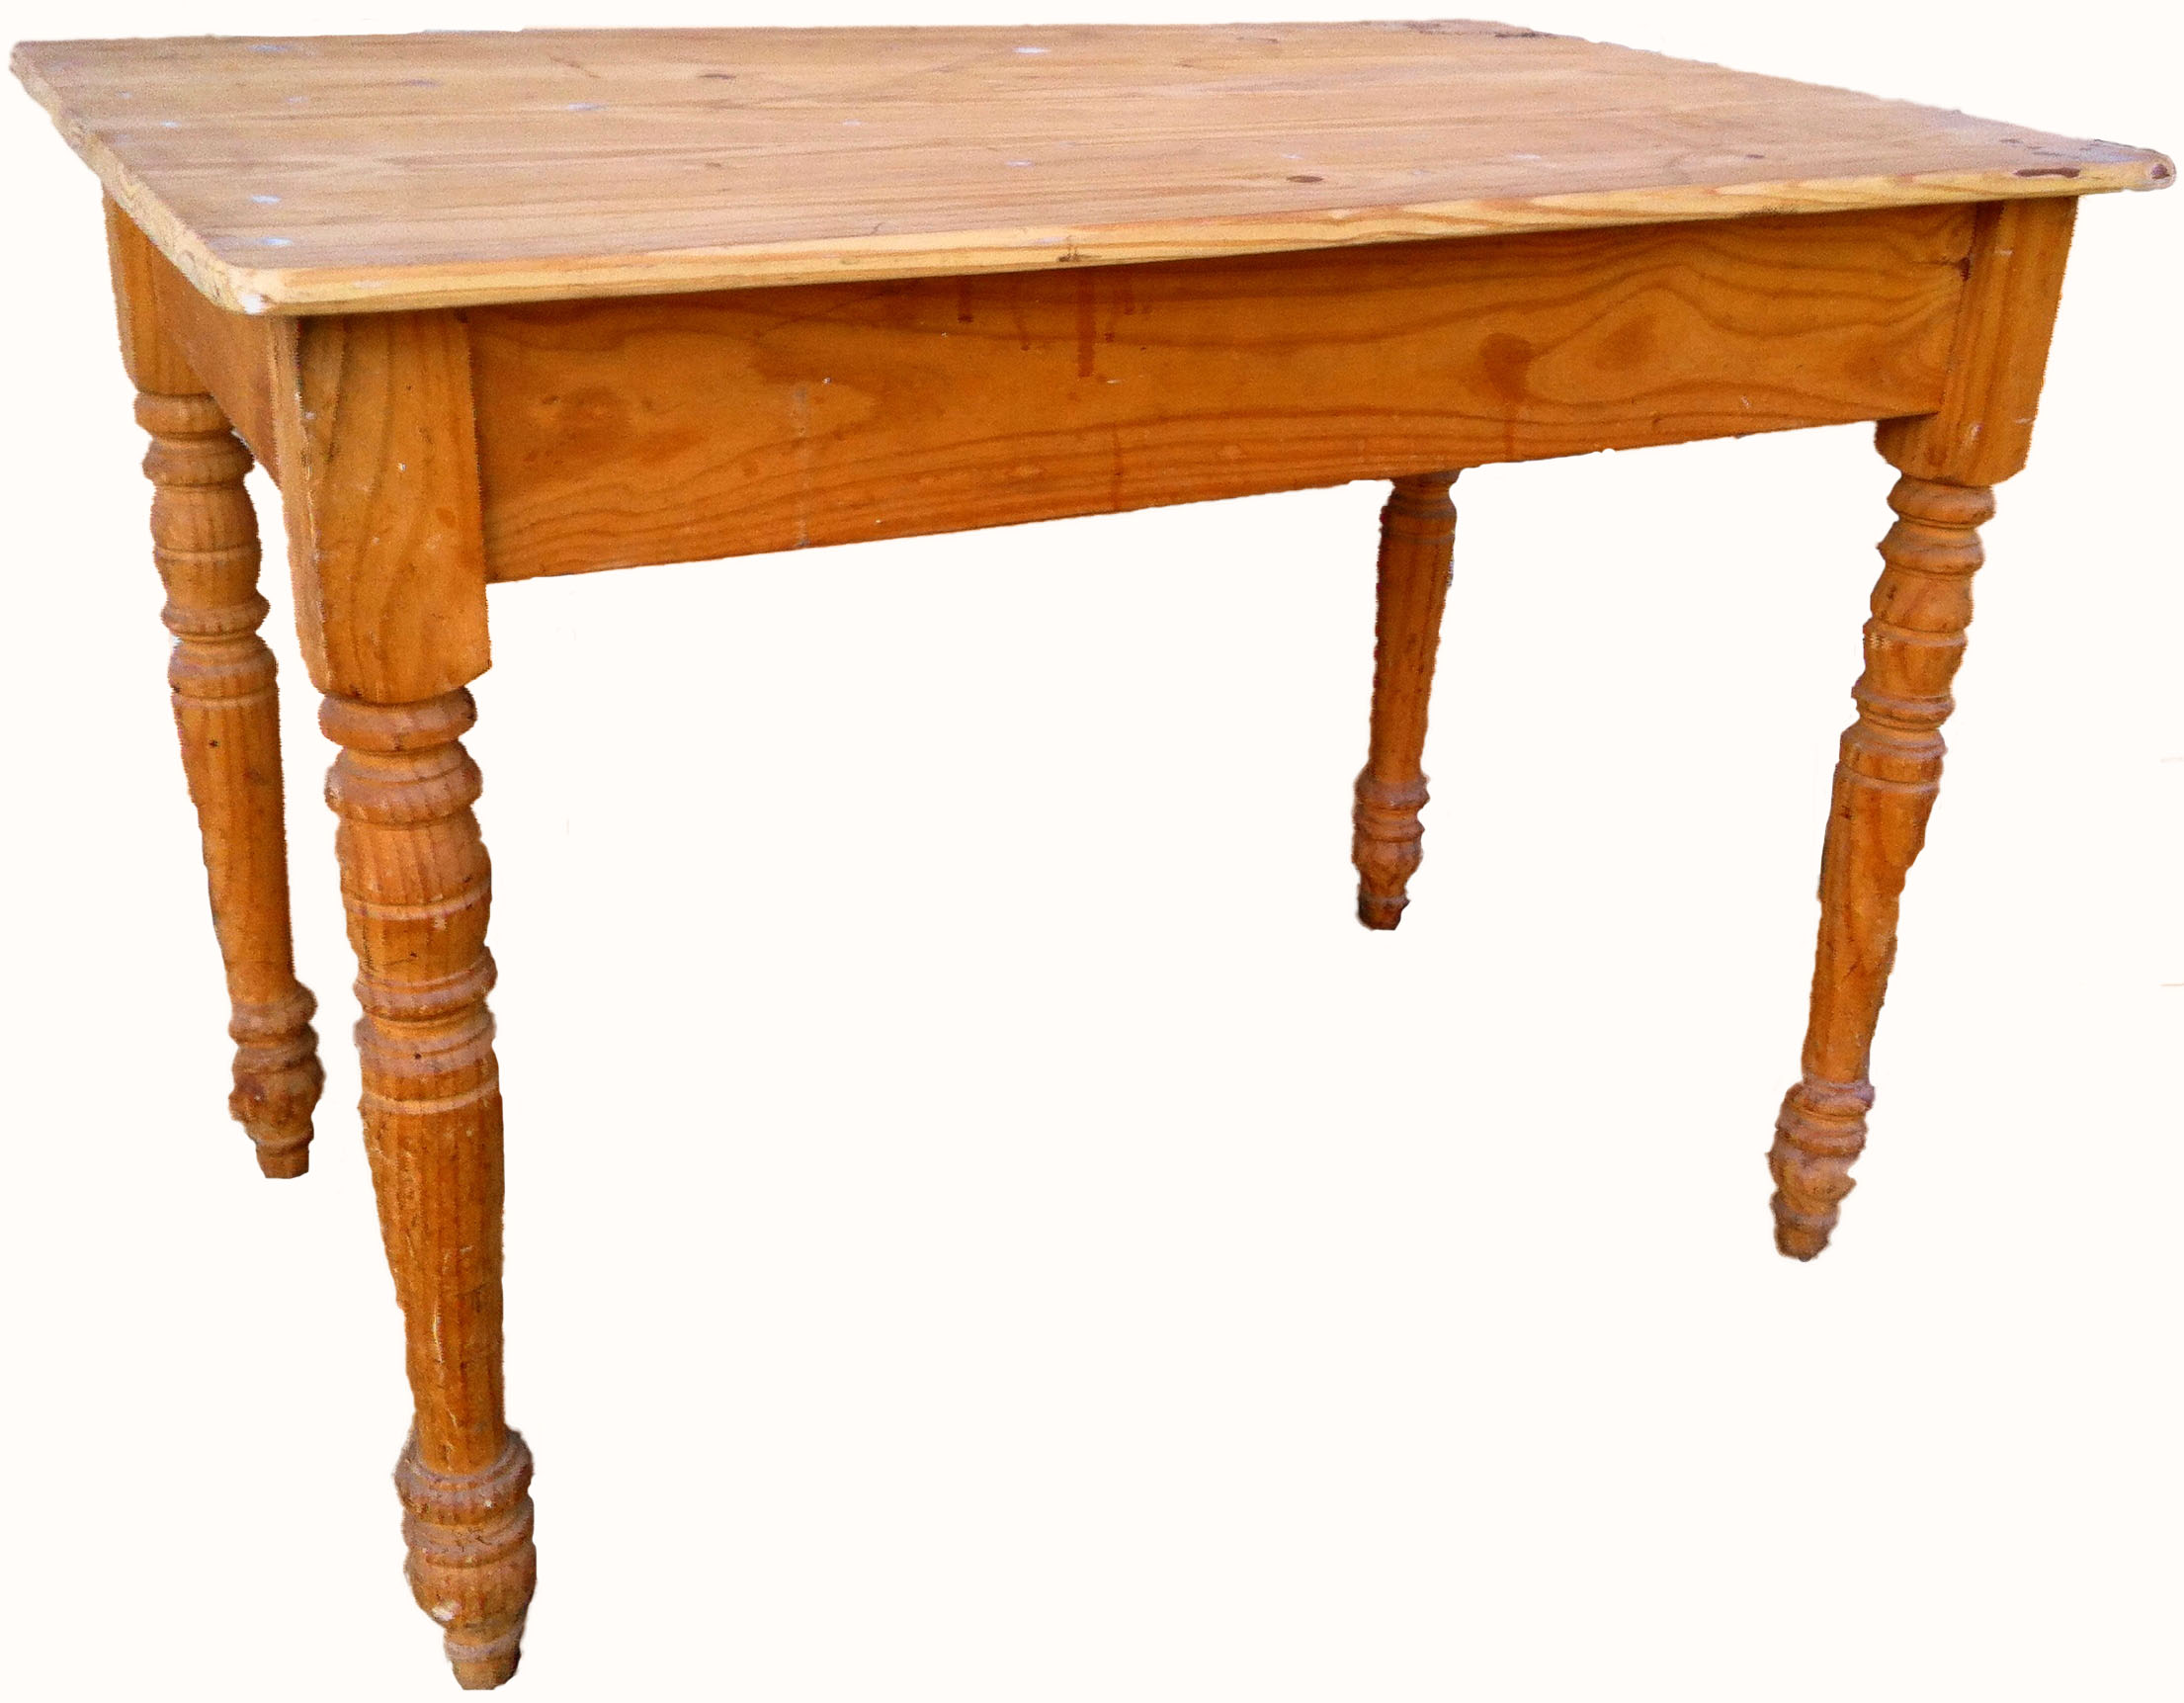 Linea comedor carpinteria restauracion for Mesa madera antigua